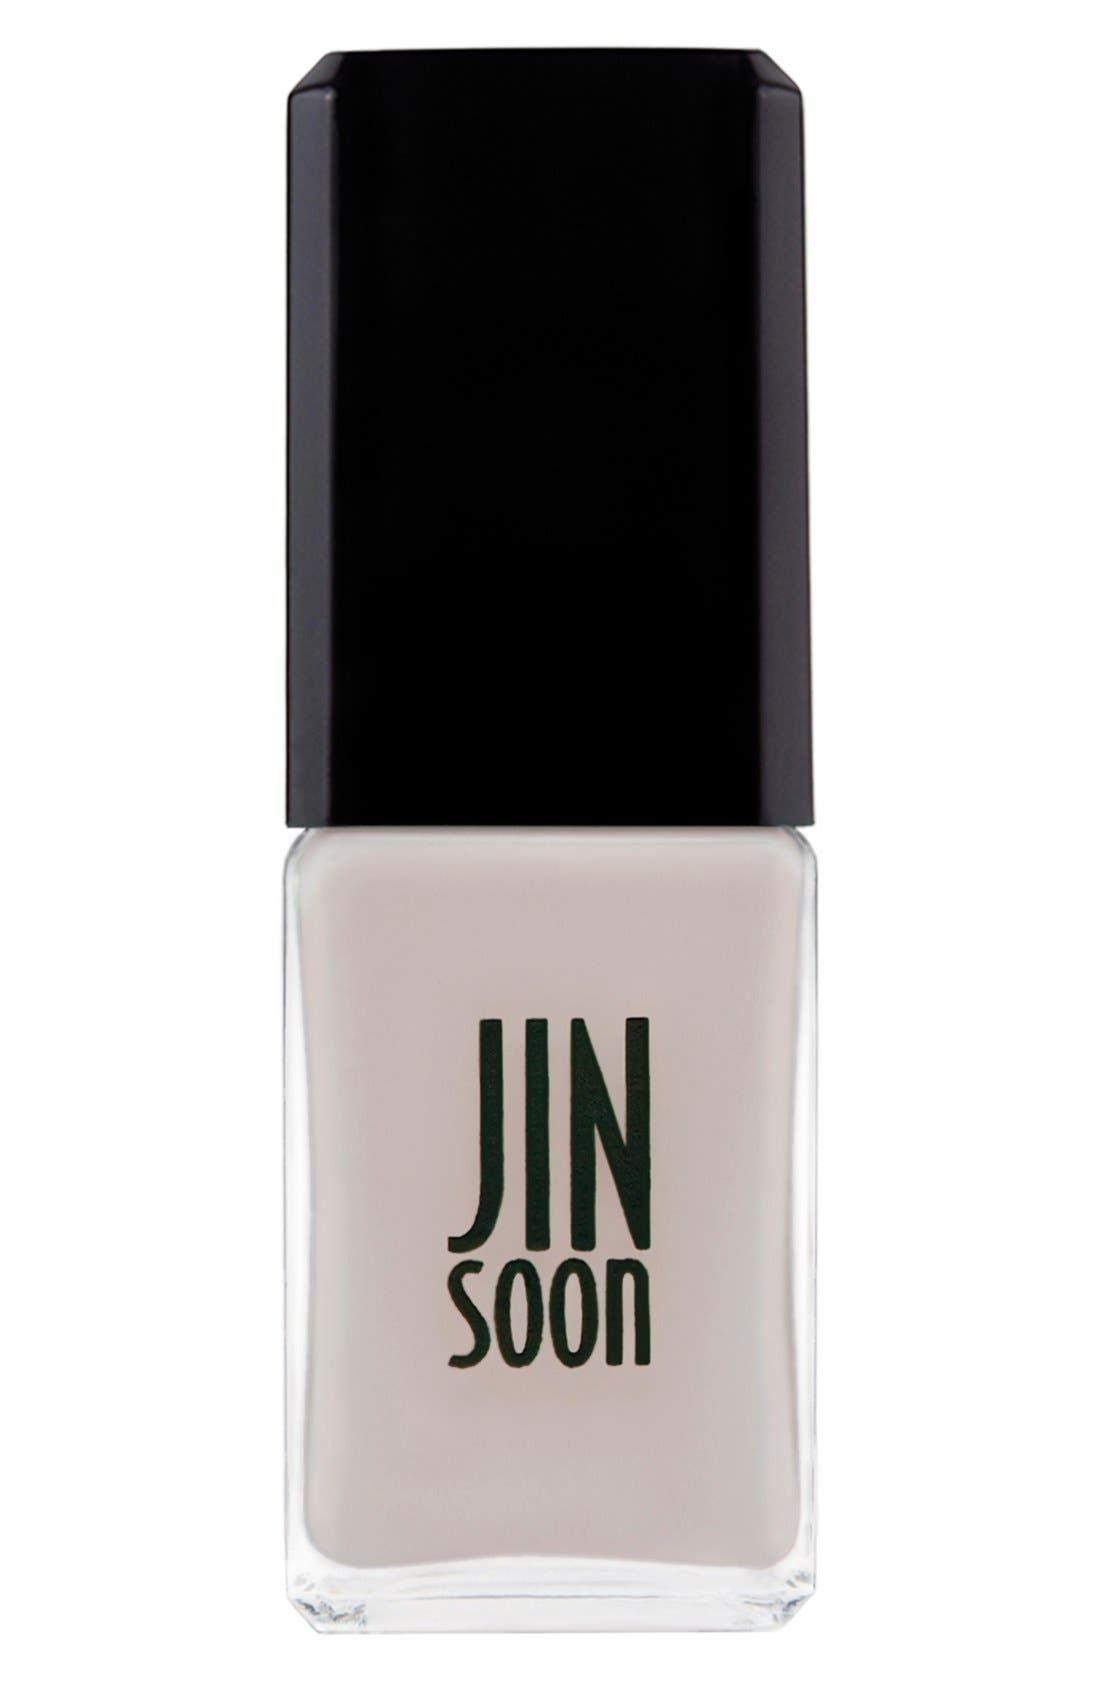 JINsoon 'Doux' Nail Polish